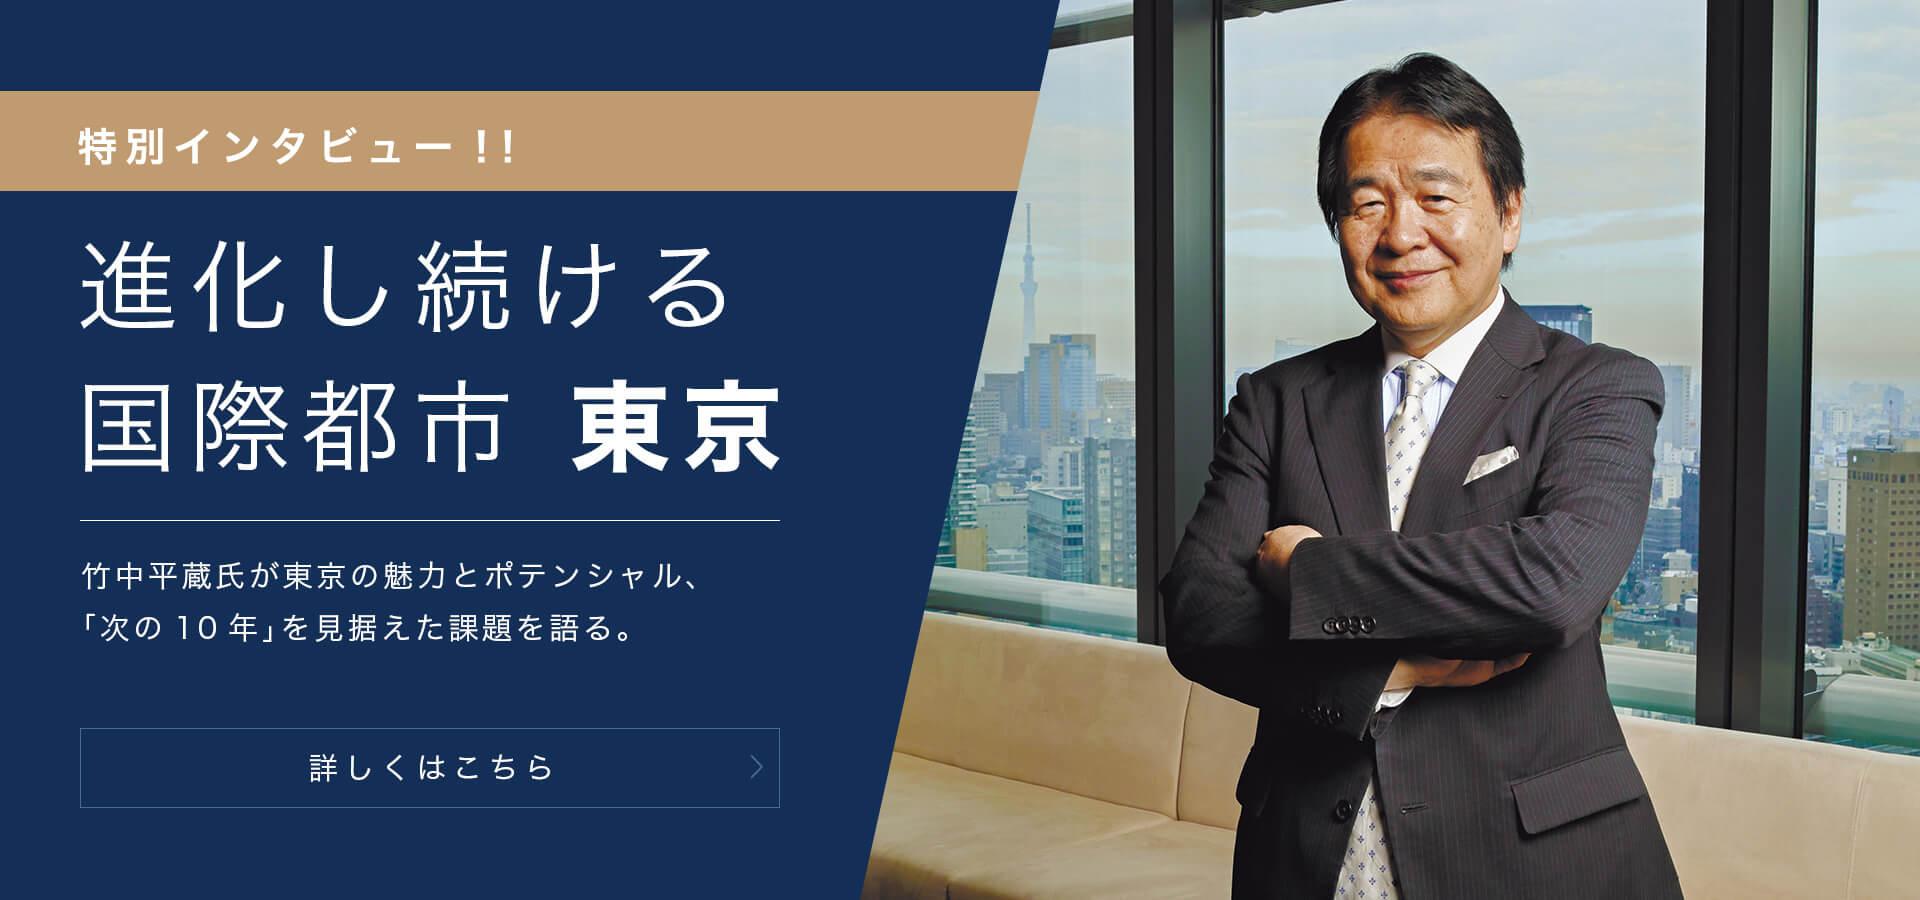 特別インタビュー 進化し続ける国際都市 東京 竹中平蔵氏が東京の魅力とポテンシャル、「次の10年」を見据えた課題を語る。